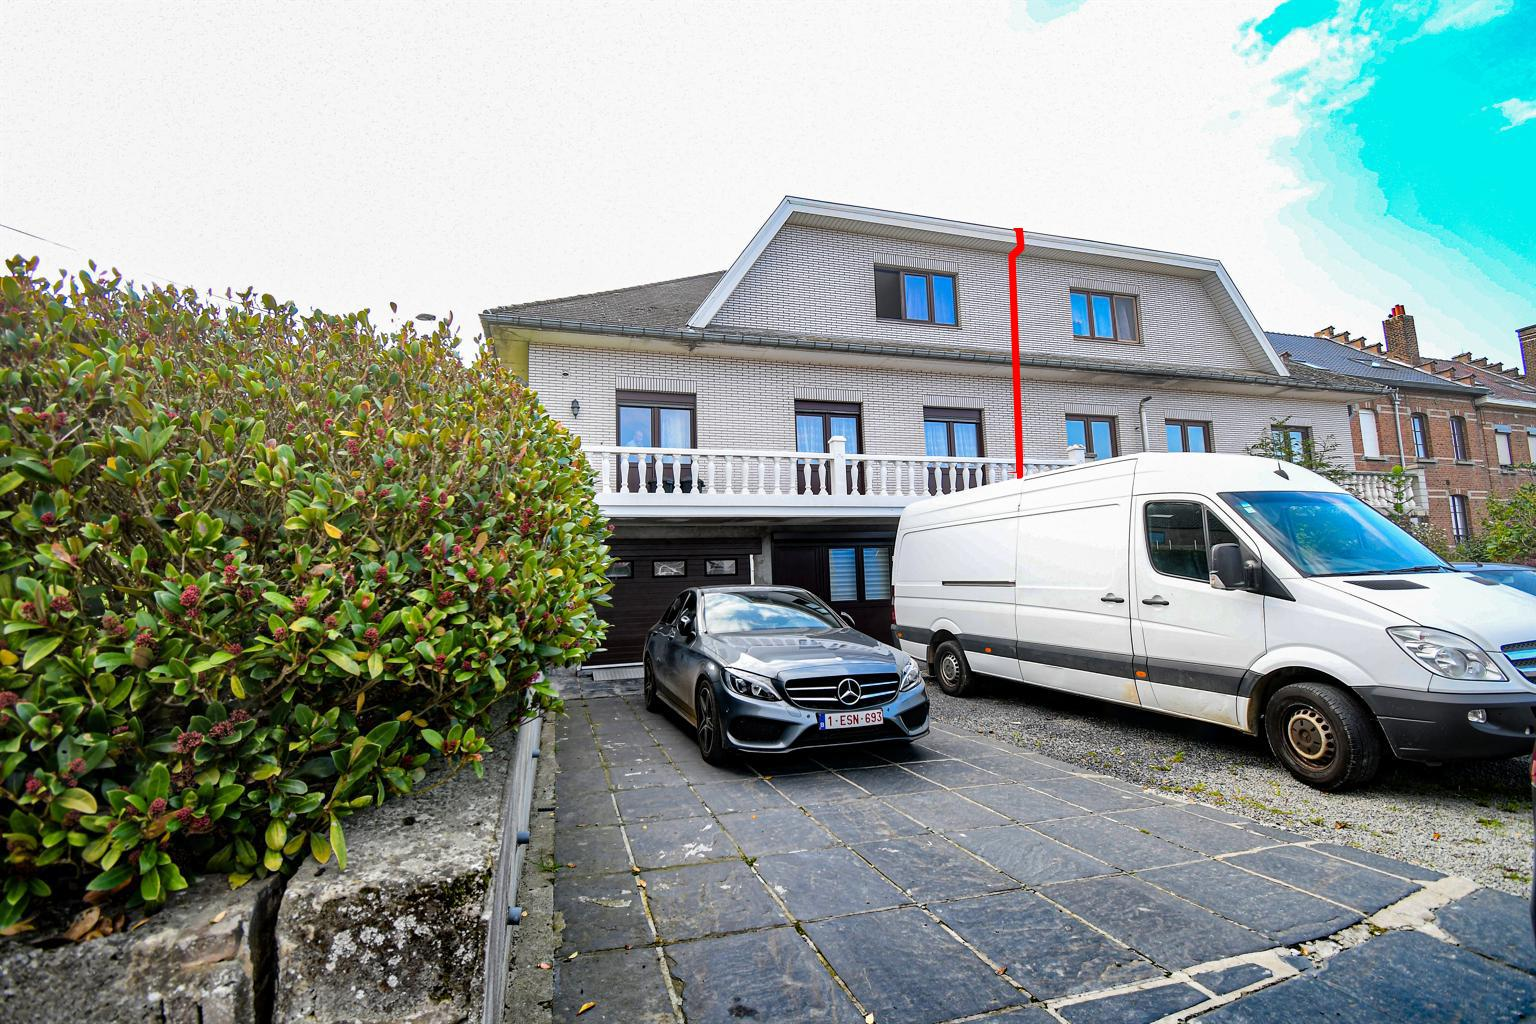 Maison unifamiliale - Tubize - #4530112-12